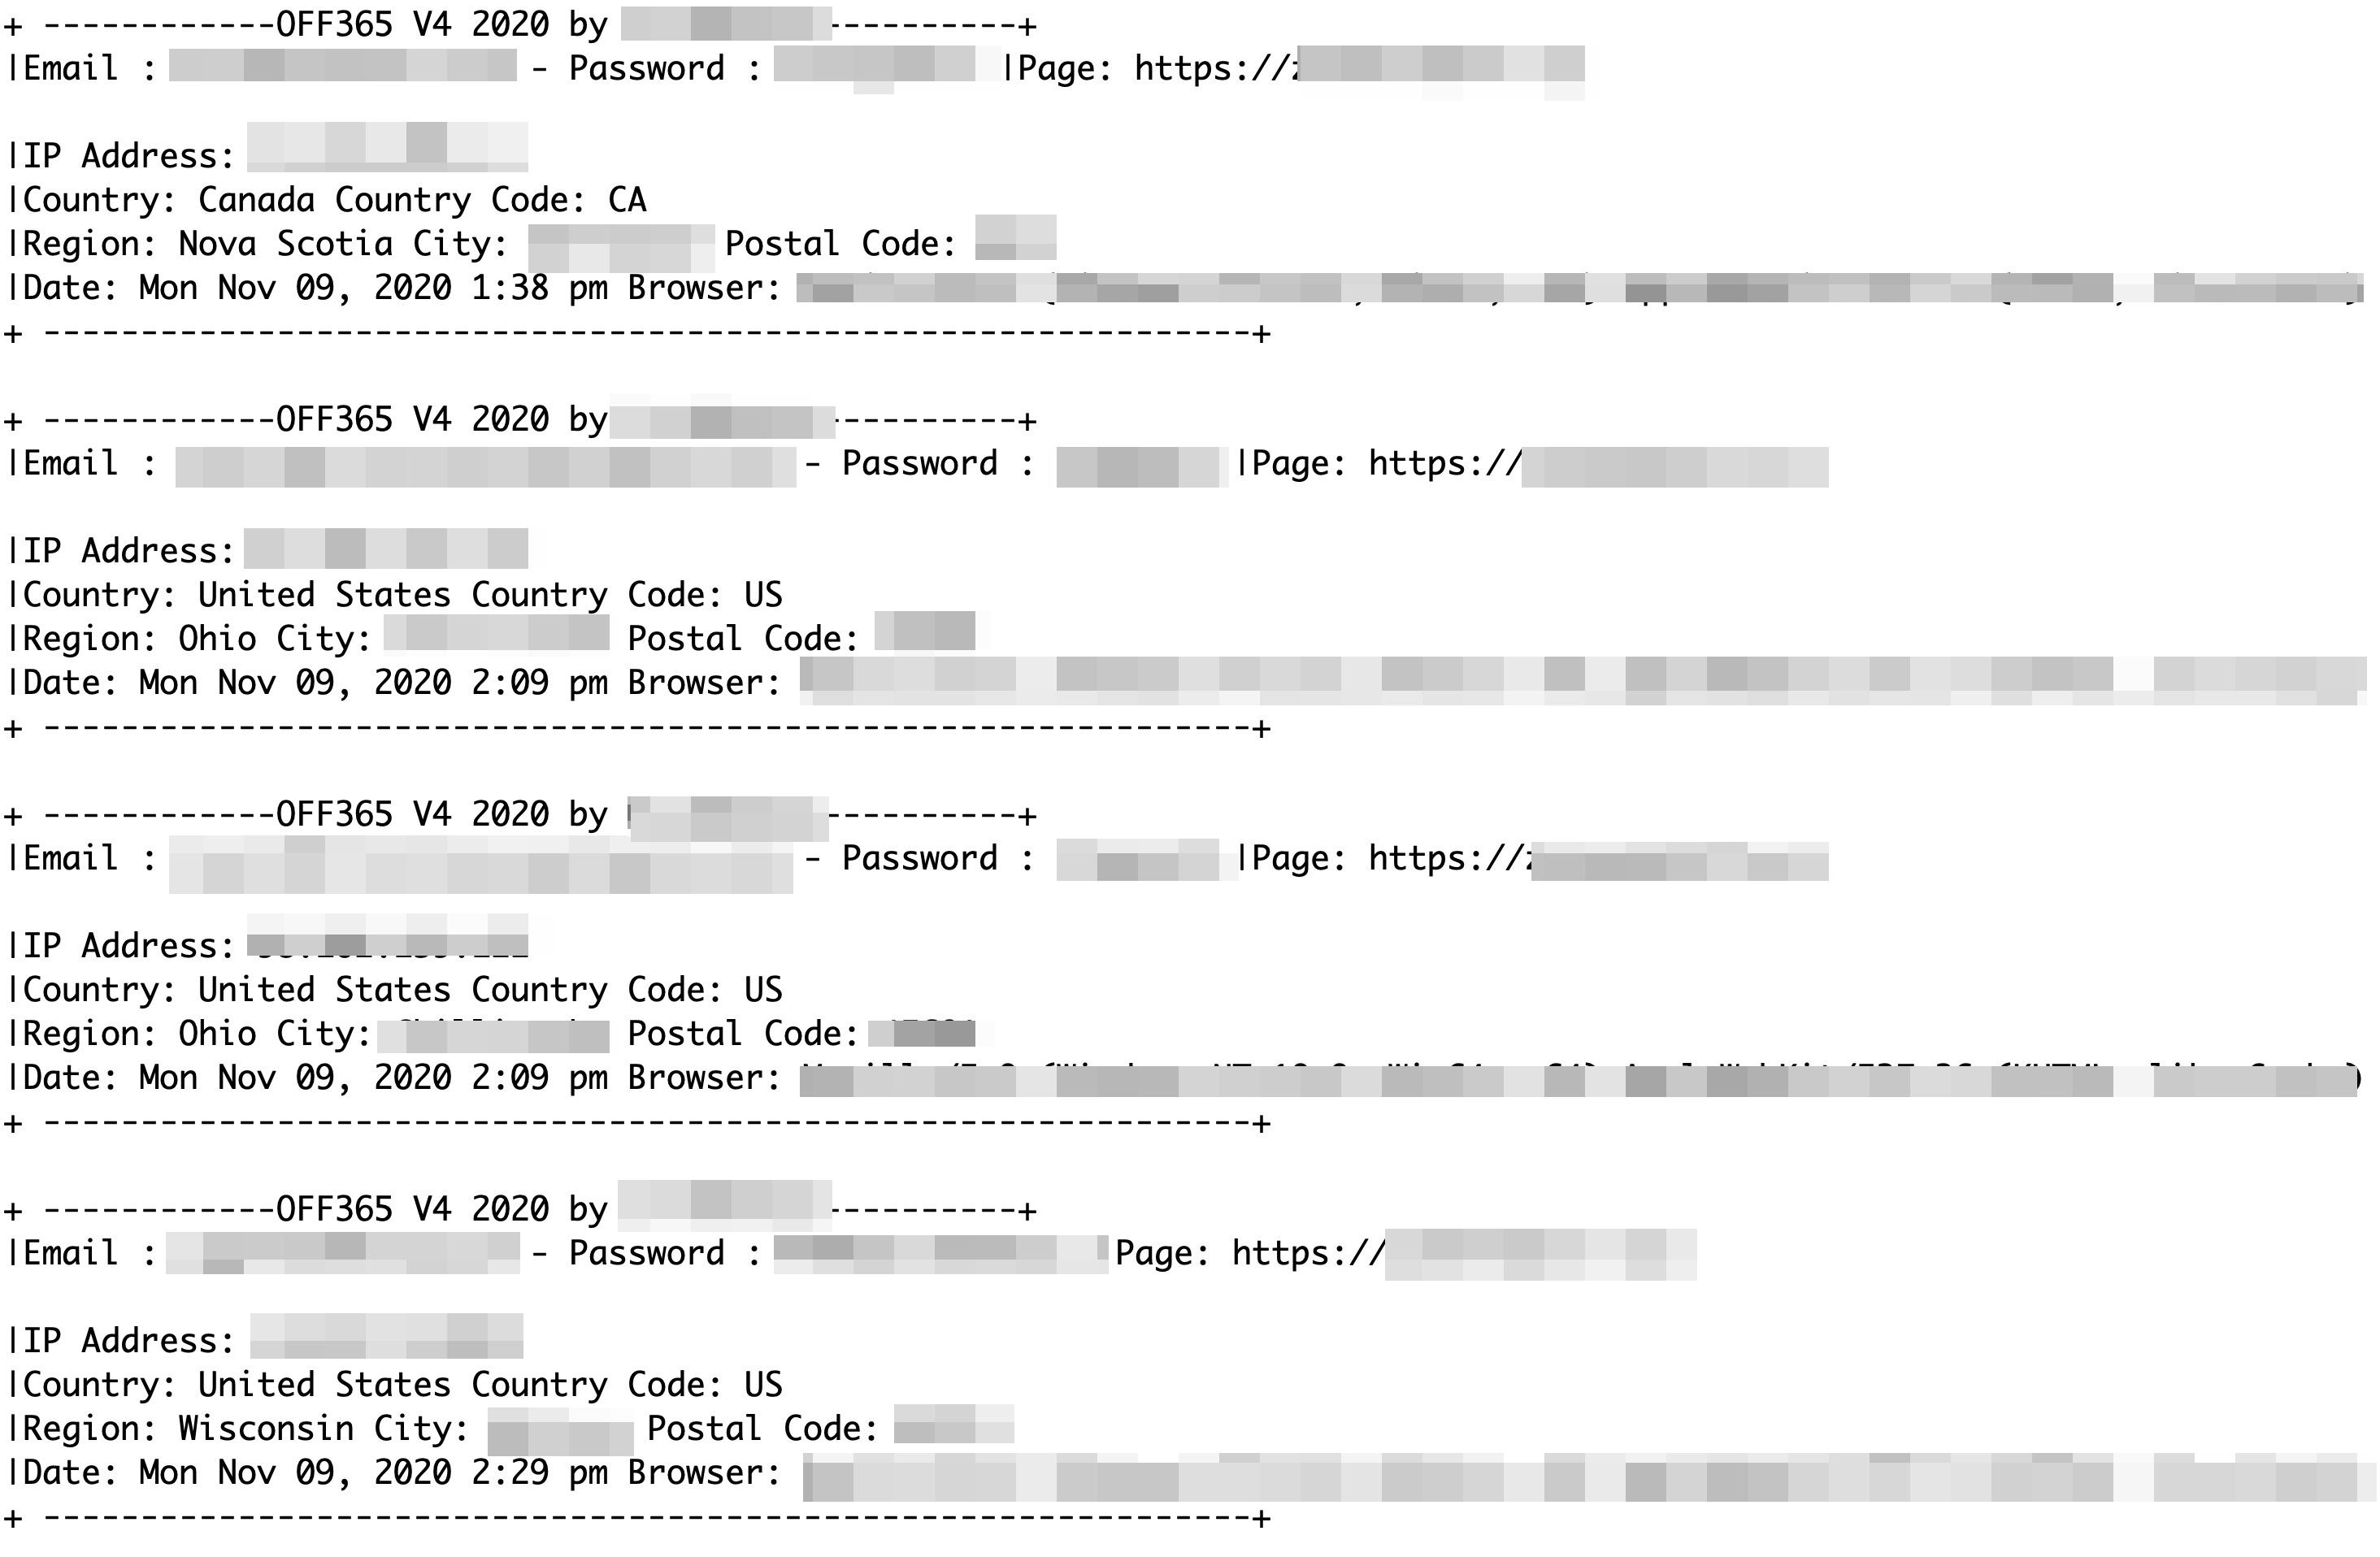 圖4. 設定不當的日誌檔詳細描述了受害者會被導向的釣魚網站及他們的個人身份資訊(郵件地址、密碼、城市和系統資訊)。